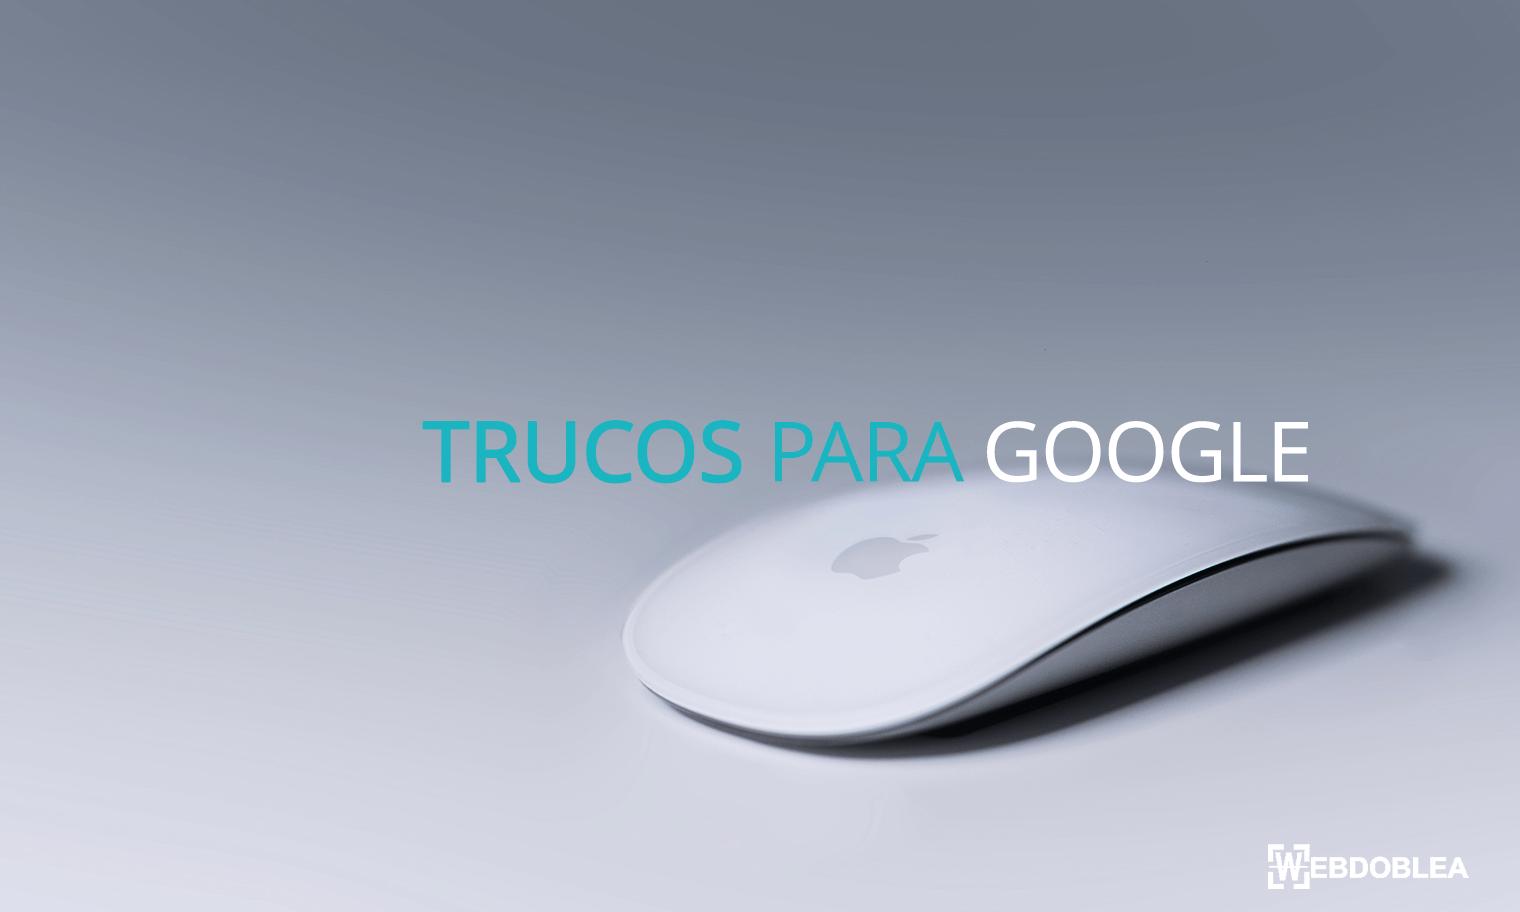 trucos_para_google